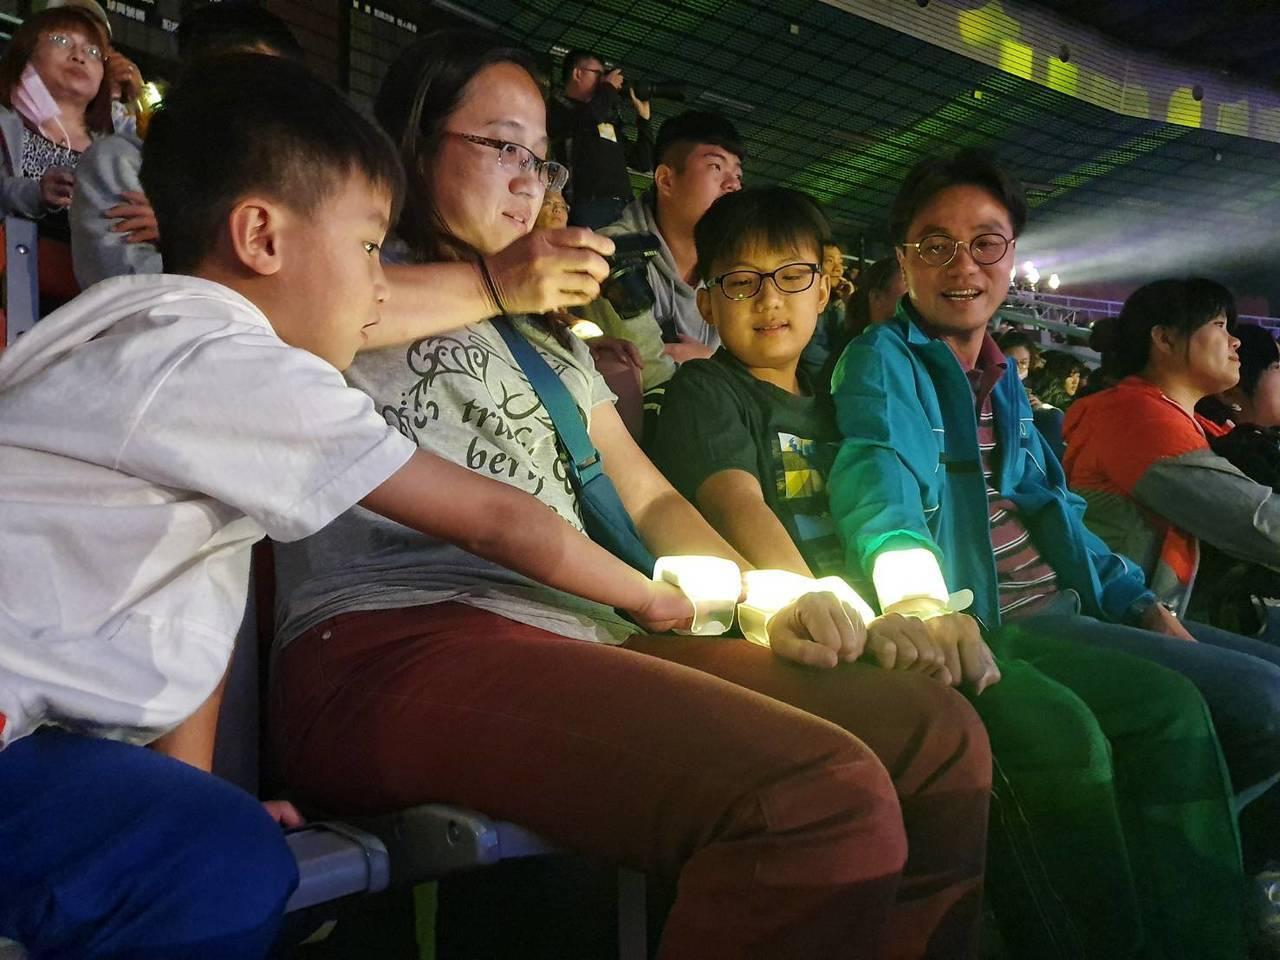 全國運動會開幕典禮的表演期間,民眾手上的互動LED燈會隨著劇情變換燈色,不少民眾...